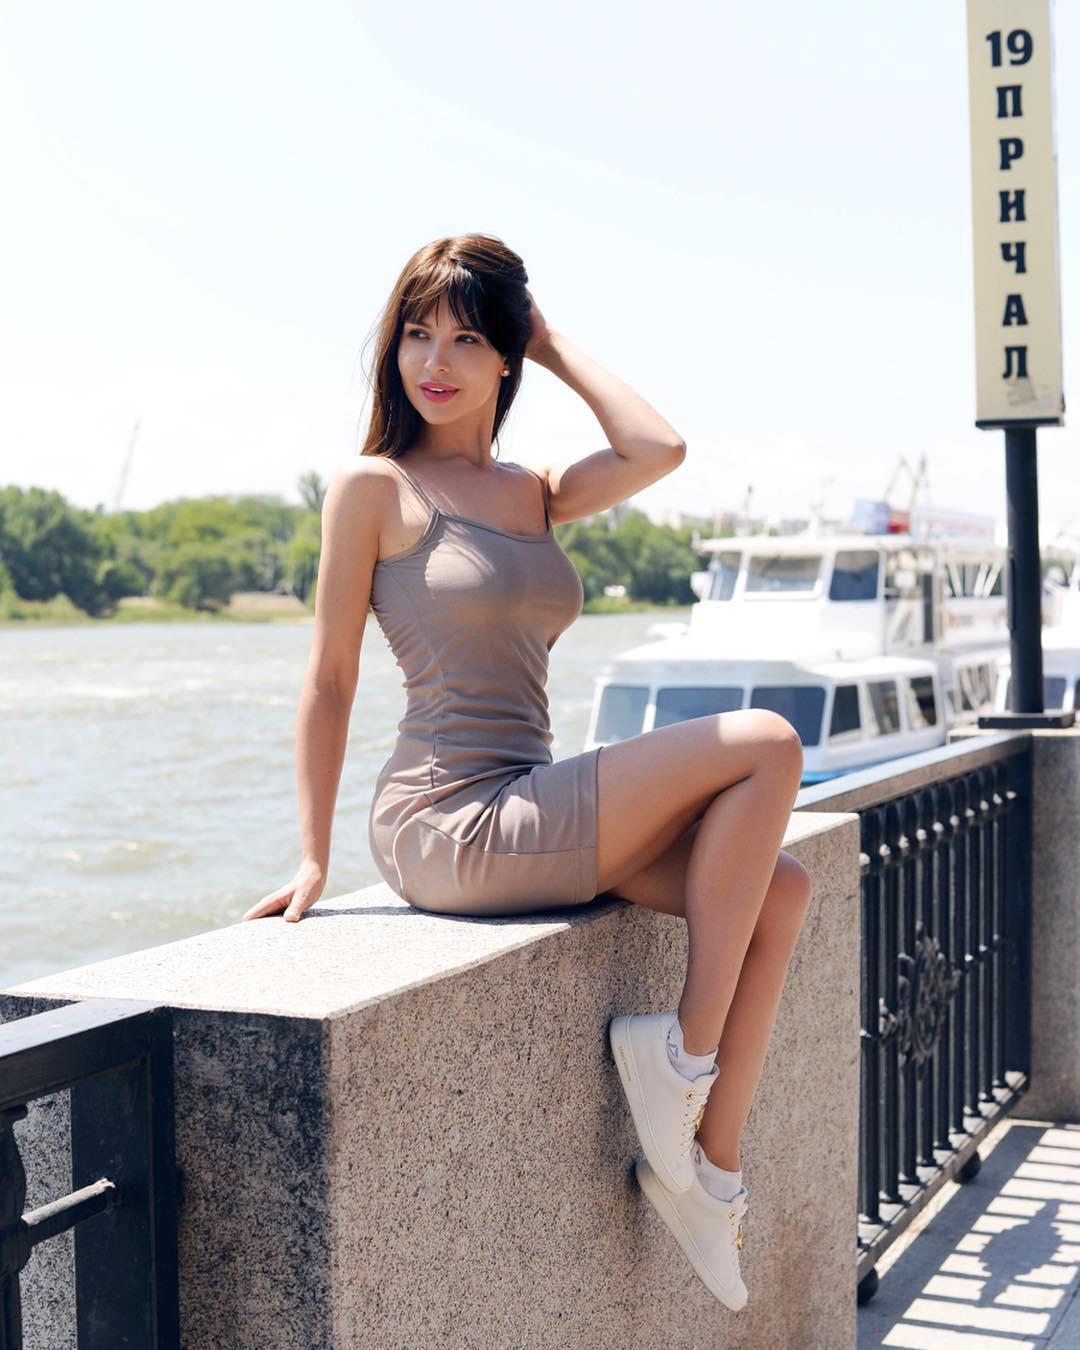 фото ростовских баб - 1